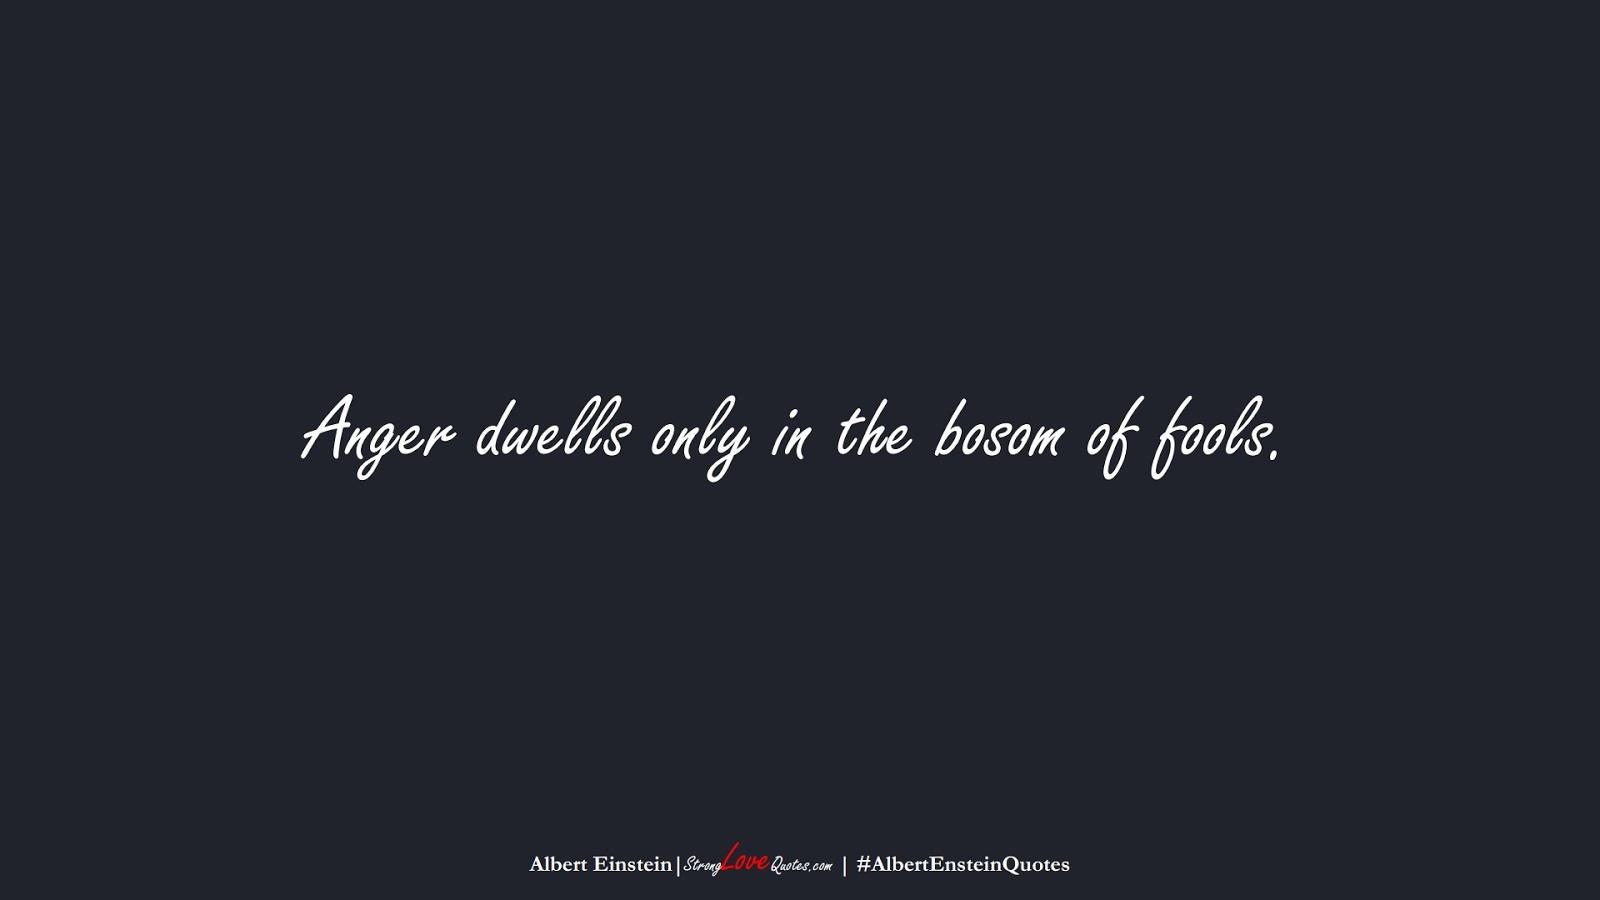 Anger dwells only in the bosom of fools. (Albert Einstein);  #AlbertEnsteinQuotes